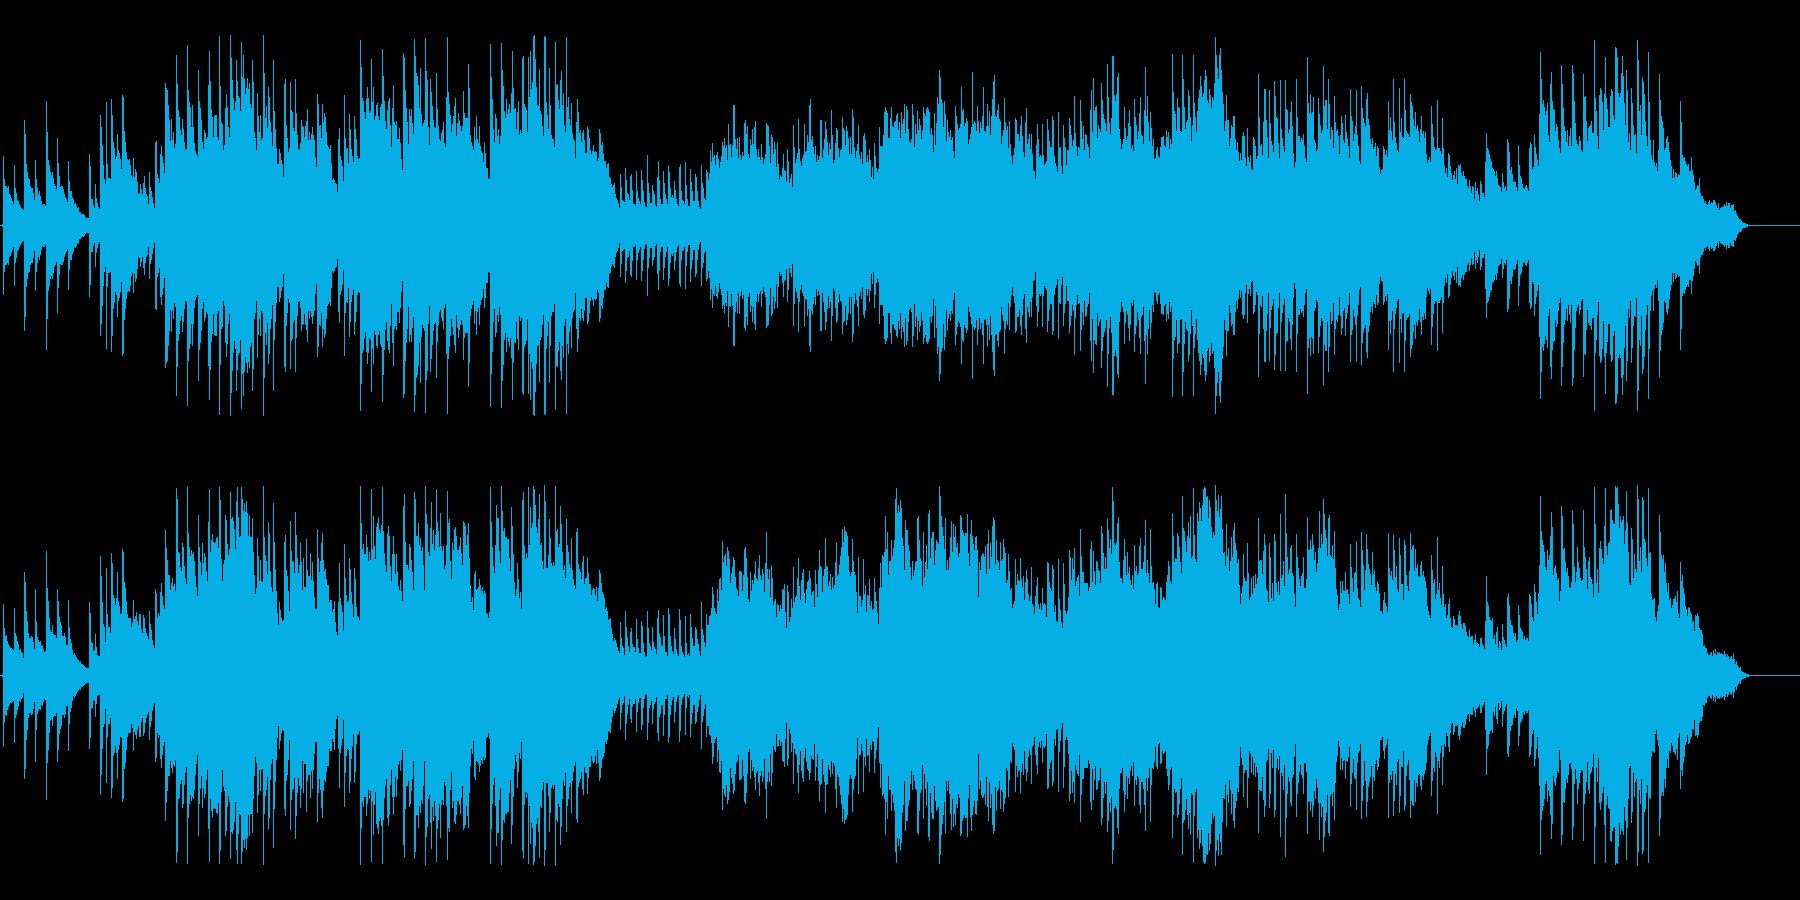 優しく広がりのある癒しのBGMの再生済みの波形